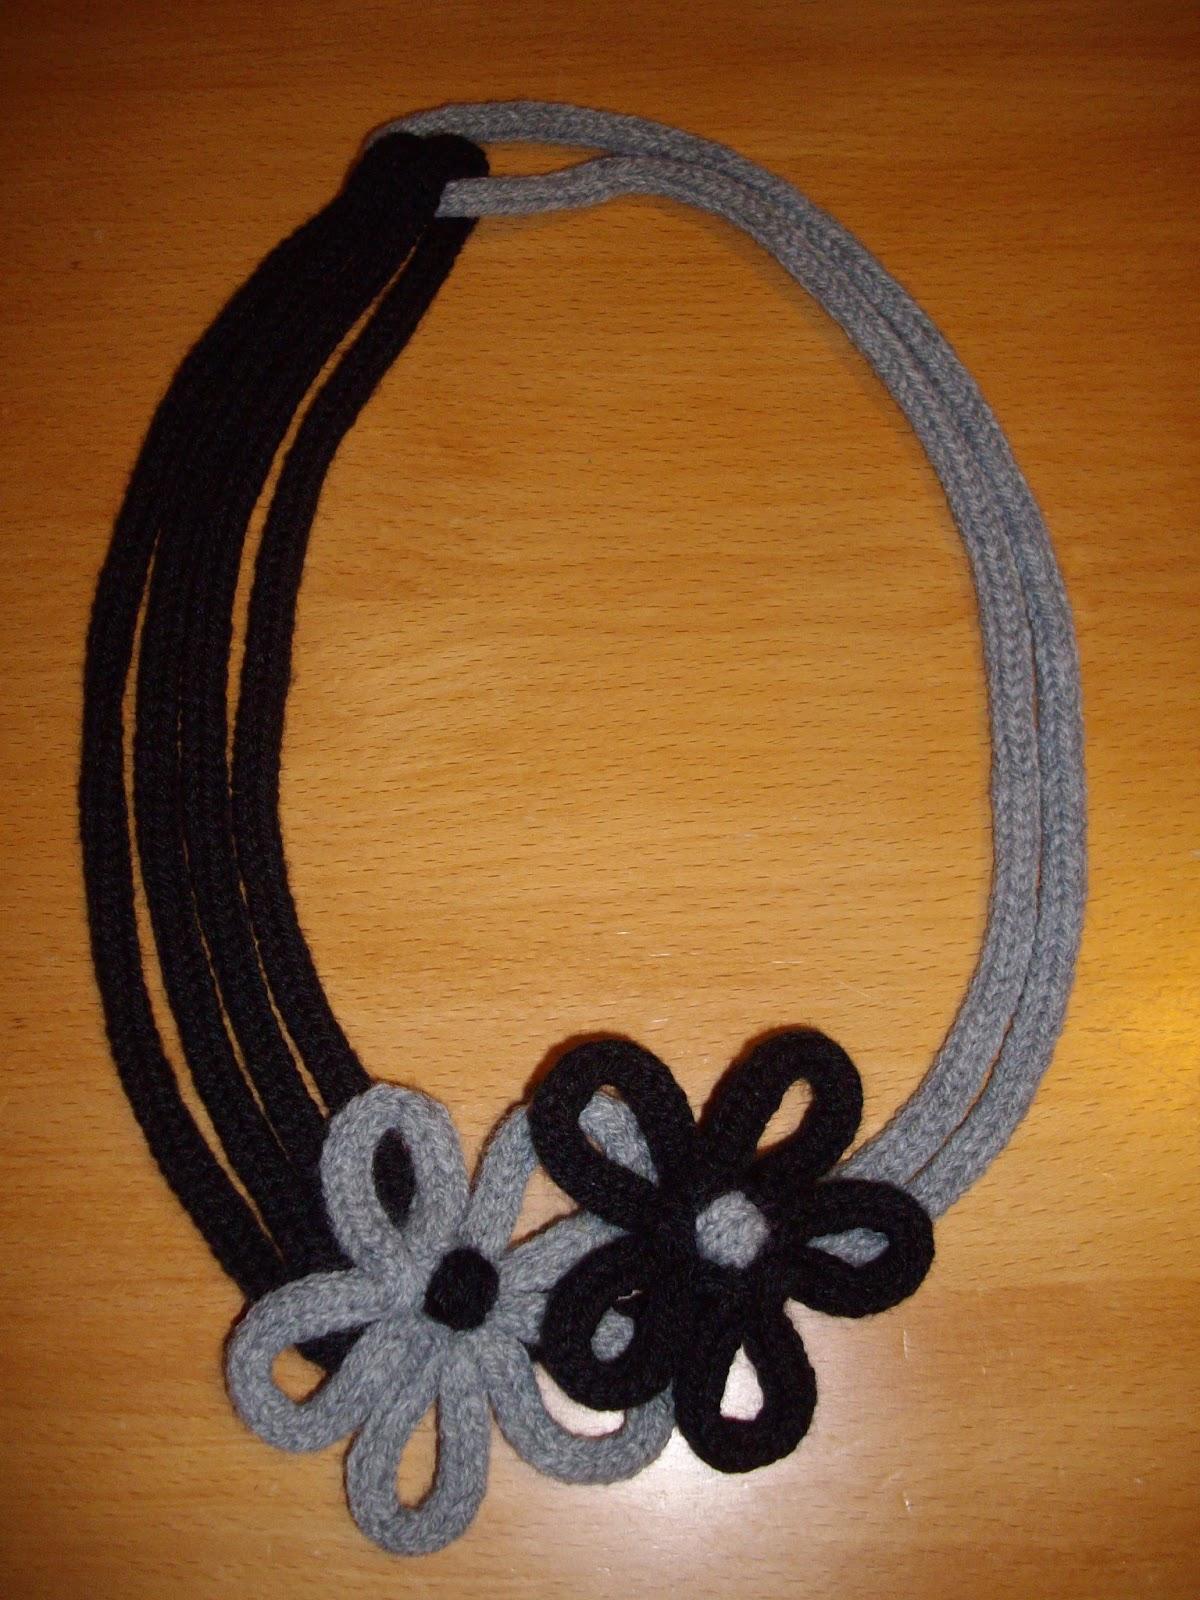 cerca l'originale vendita online spedizione gratuita Collane creative in lana fai da te - Video Blog Gioielli e ...